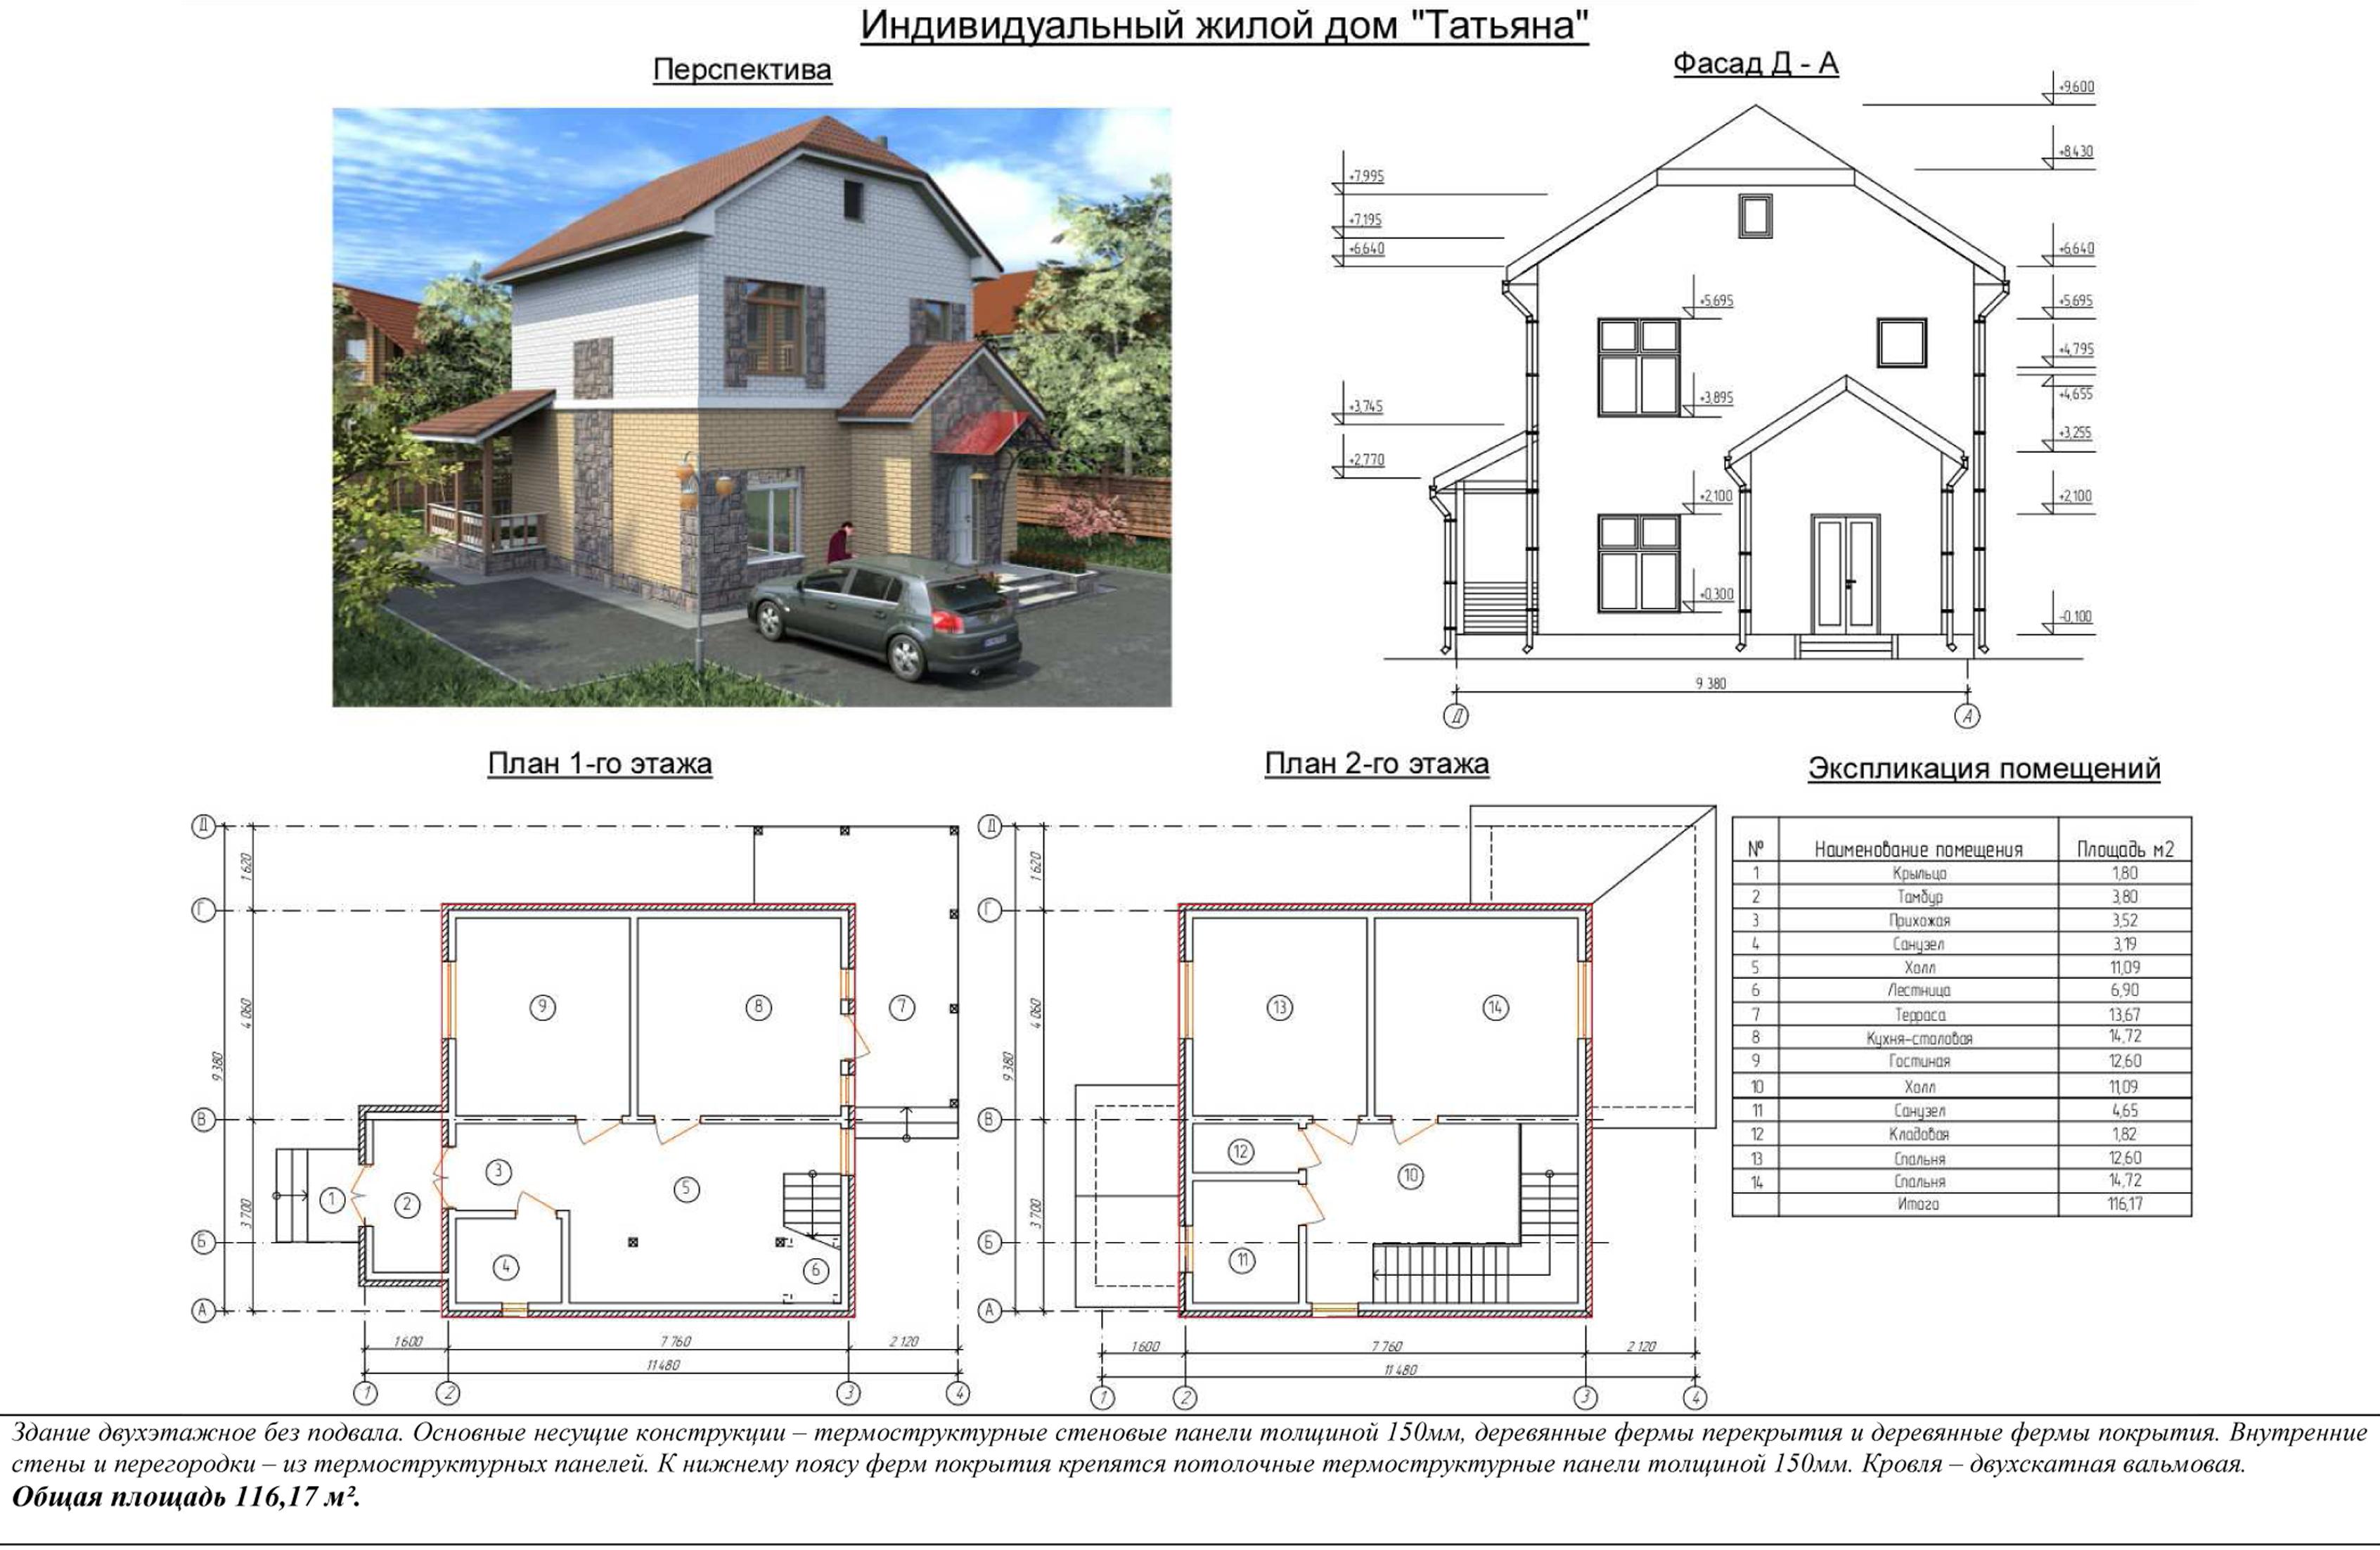 удаляет планировка и проекты домов каким образом термобелье